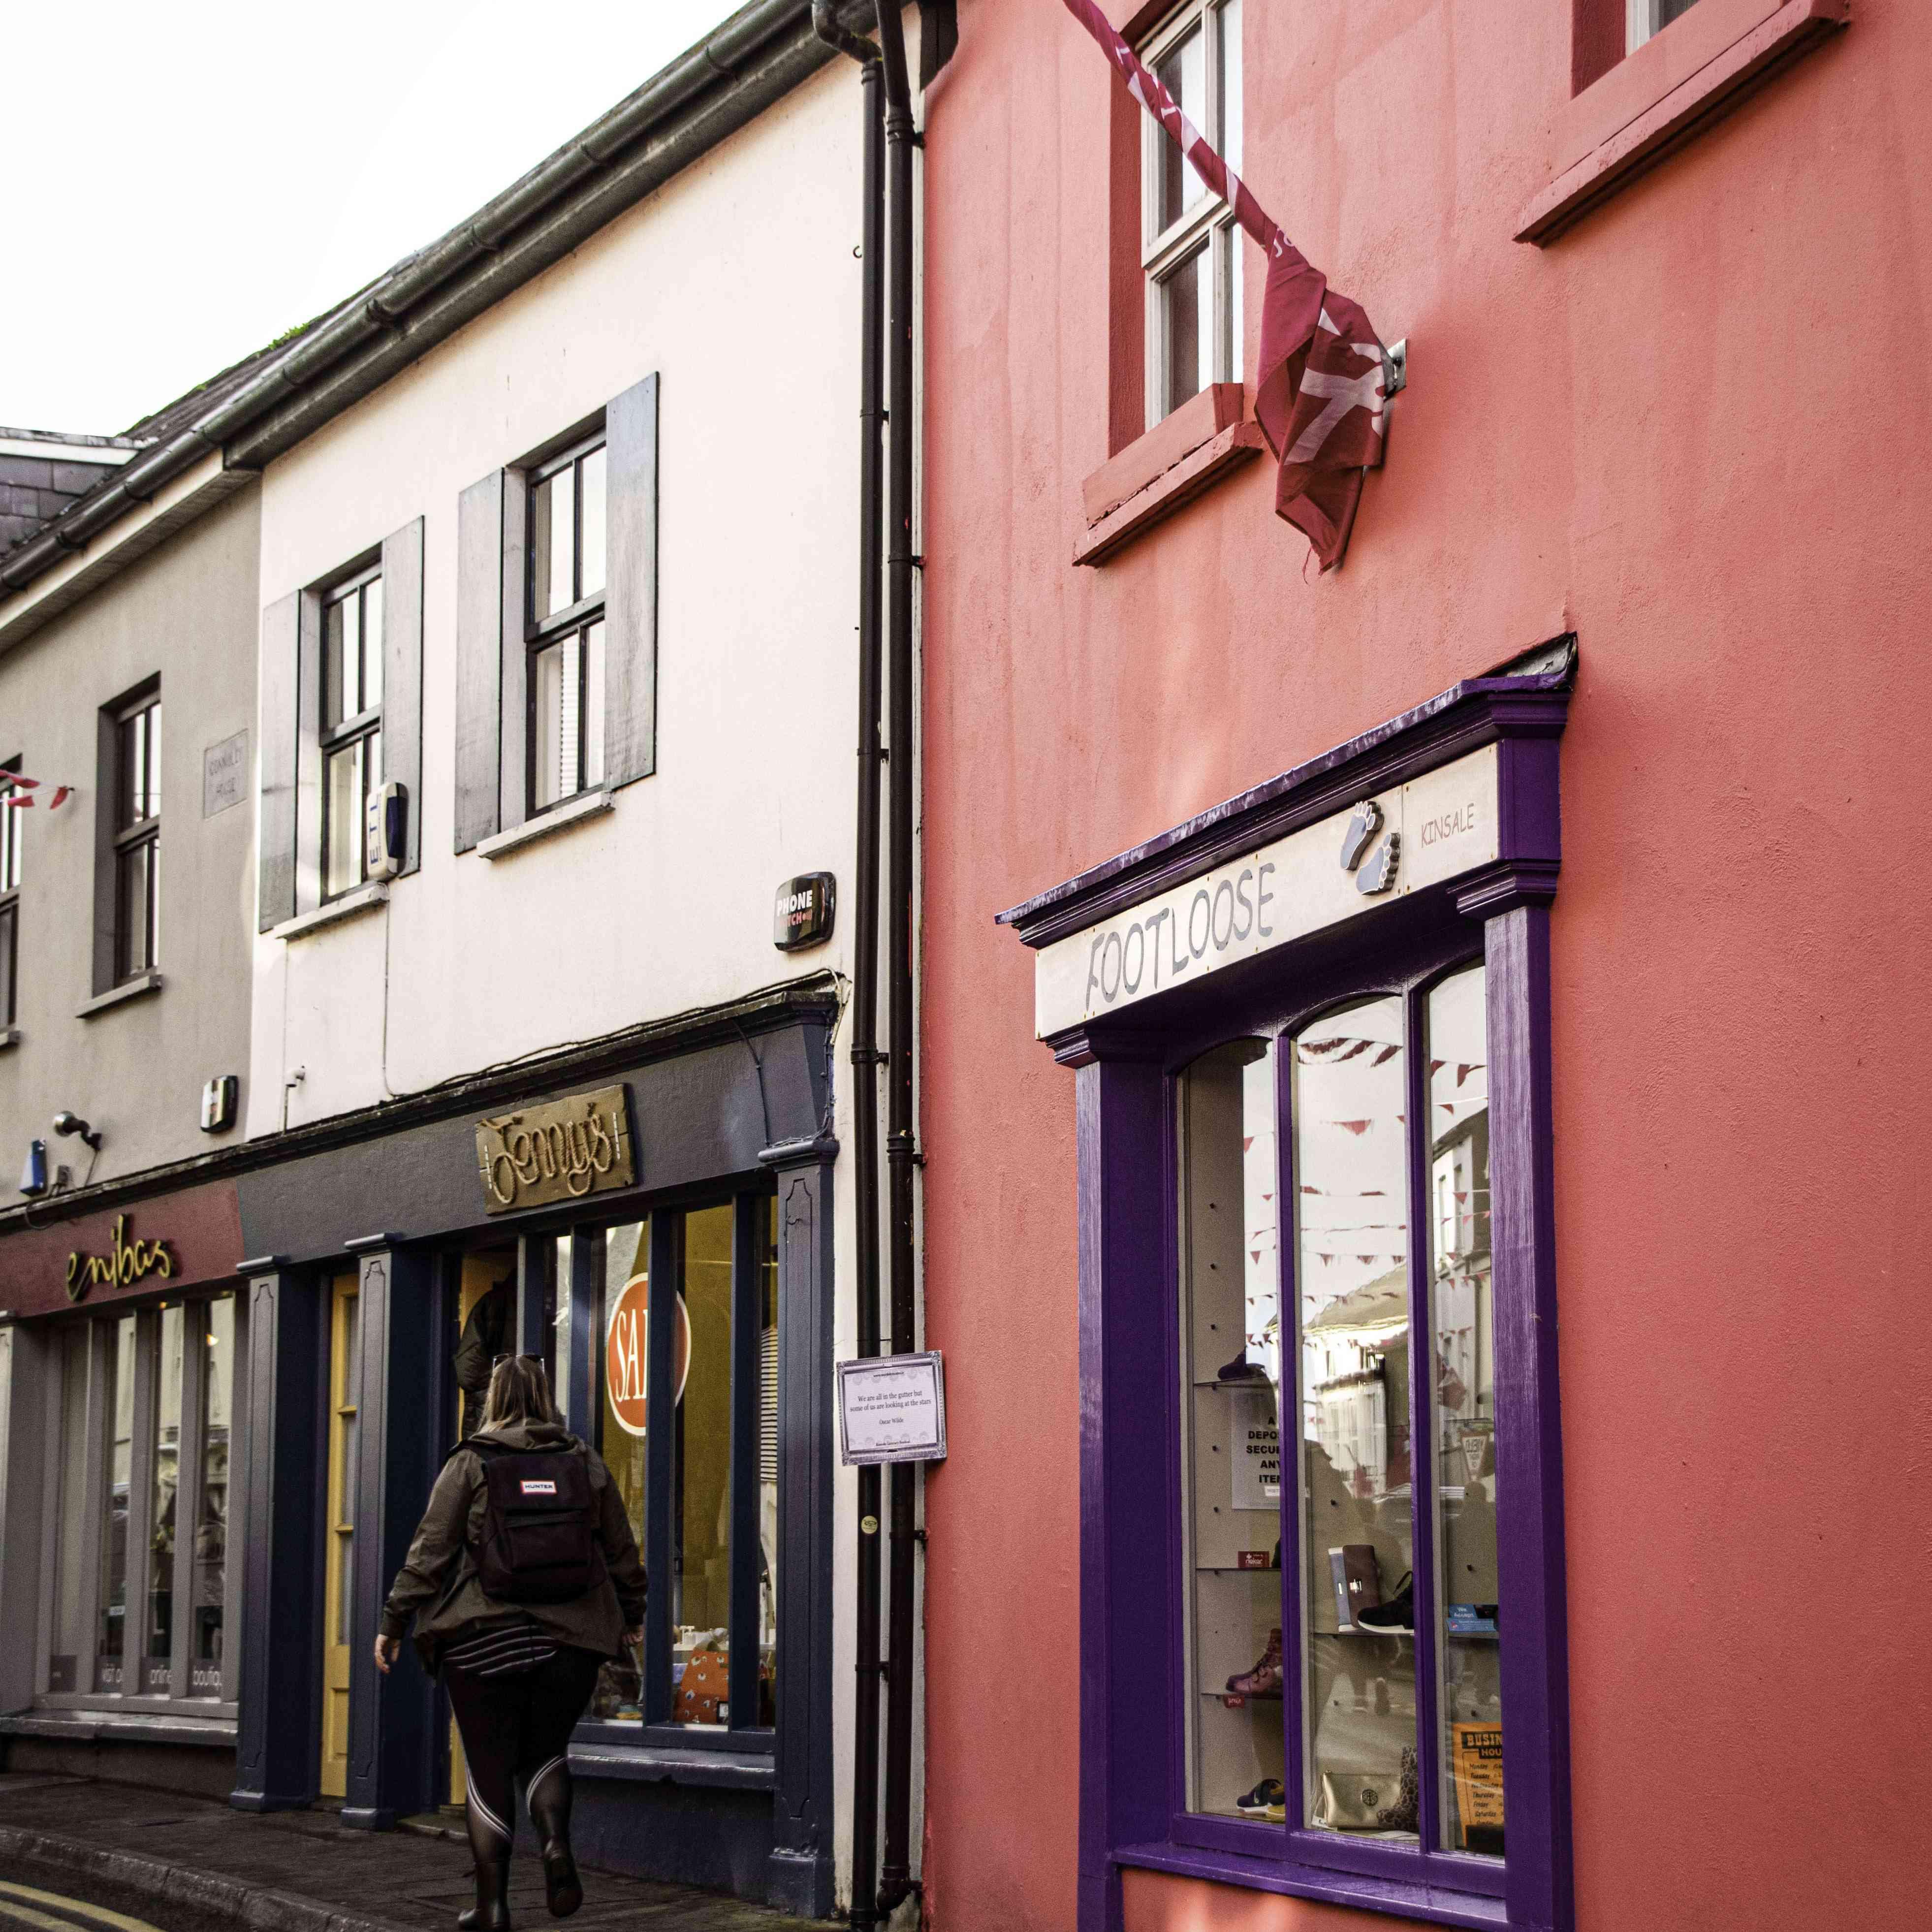 A woman walking down the street in Kinsale